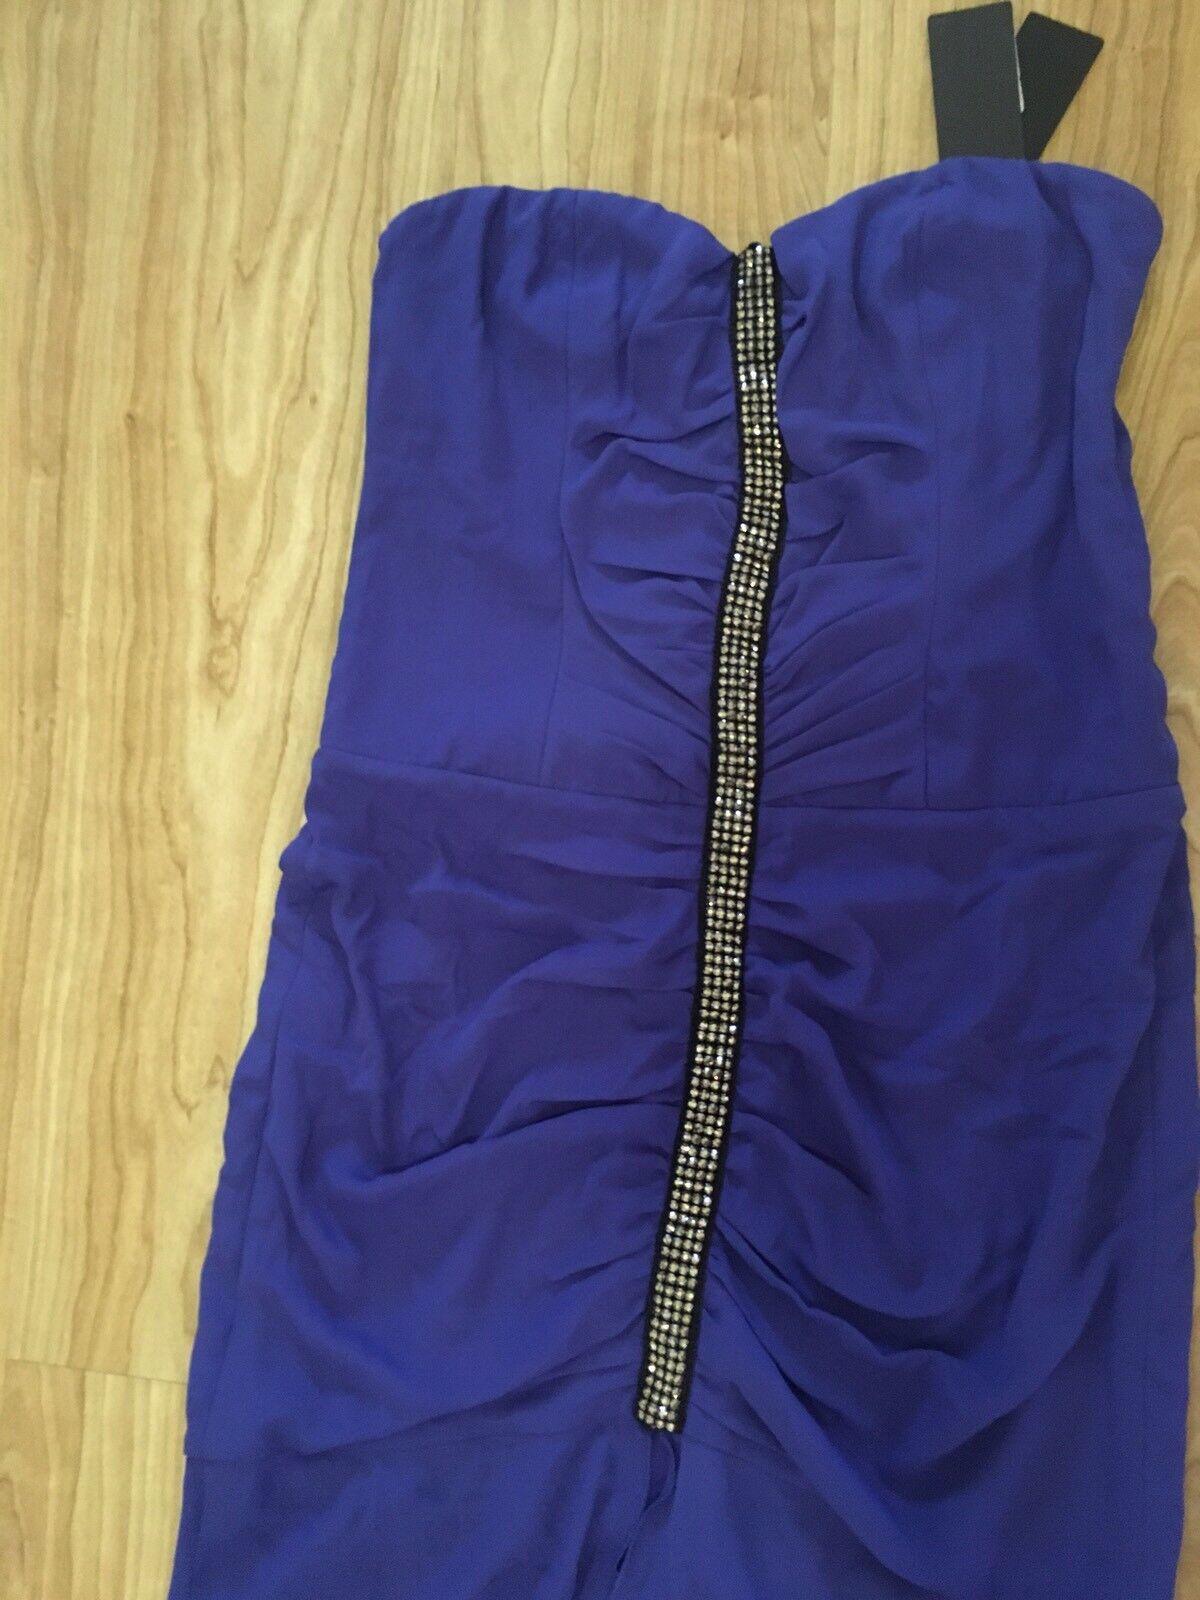 Guess Damen Kleid,Gr.L | Der Schatz des des des Kindes, unser Glück  | Vollständige Spezifikation  | Clearance Sale  a38707